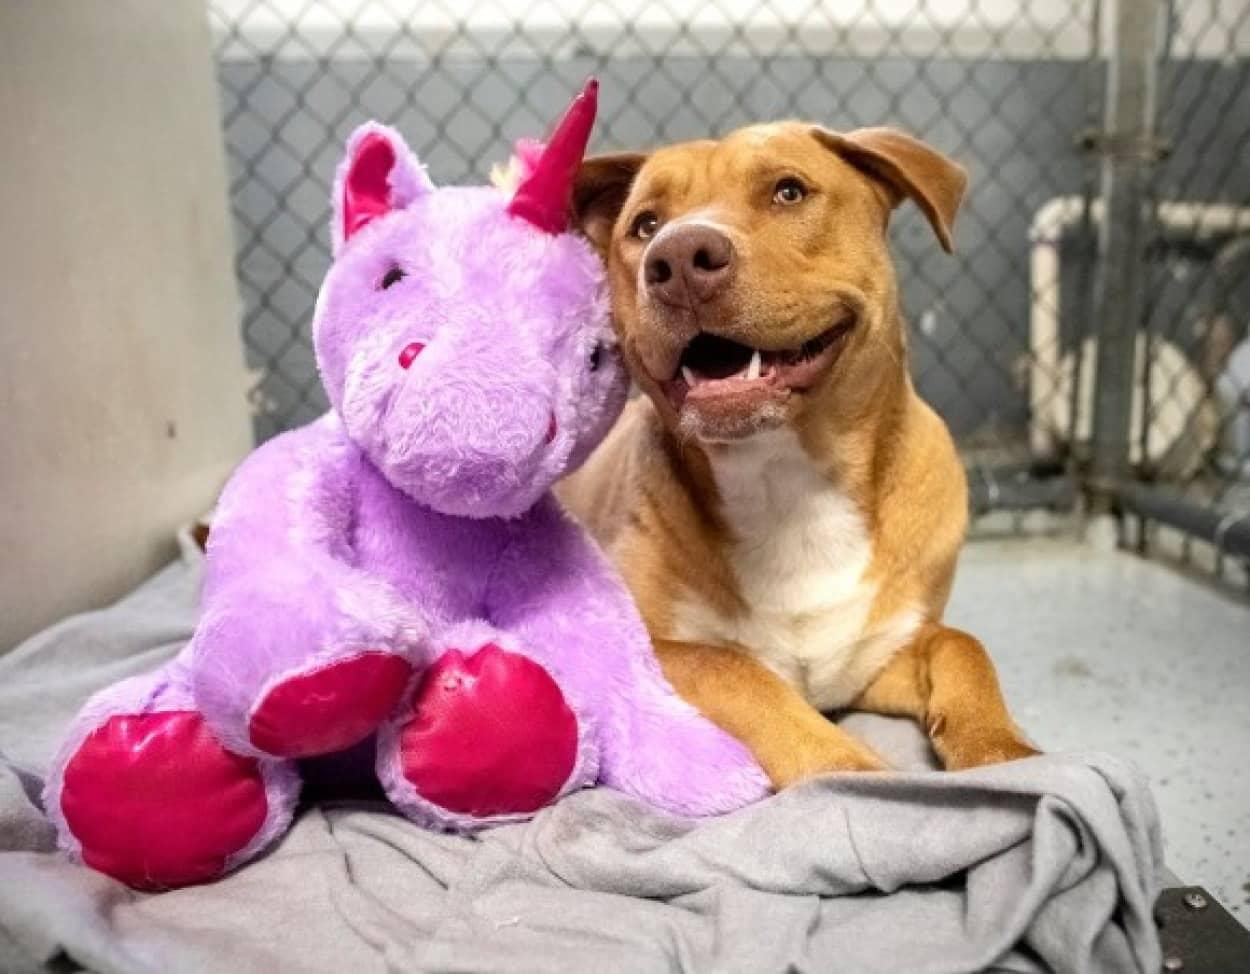 ユニコーンのぬいぐるみがどうしても欲しかった犬、無事に保護され永遠の家へ